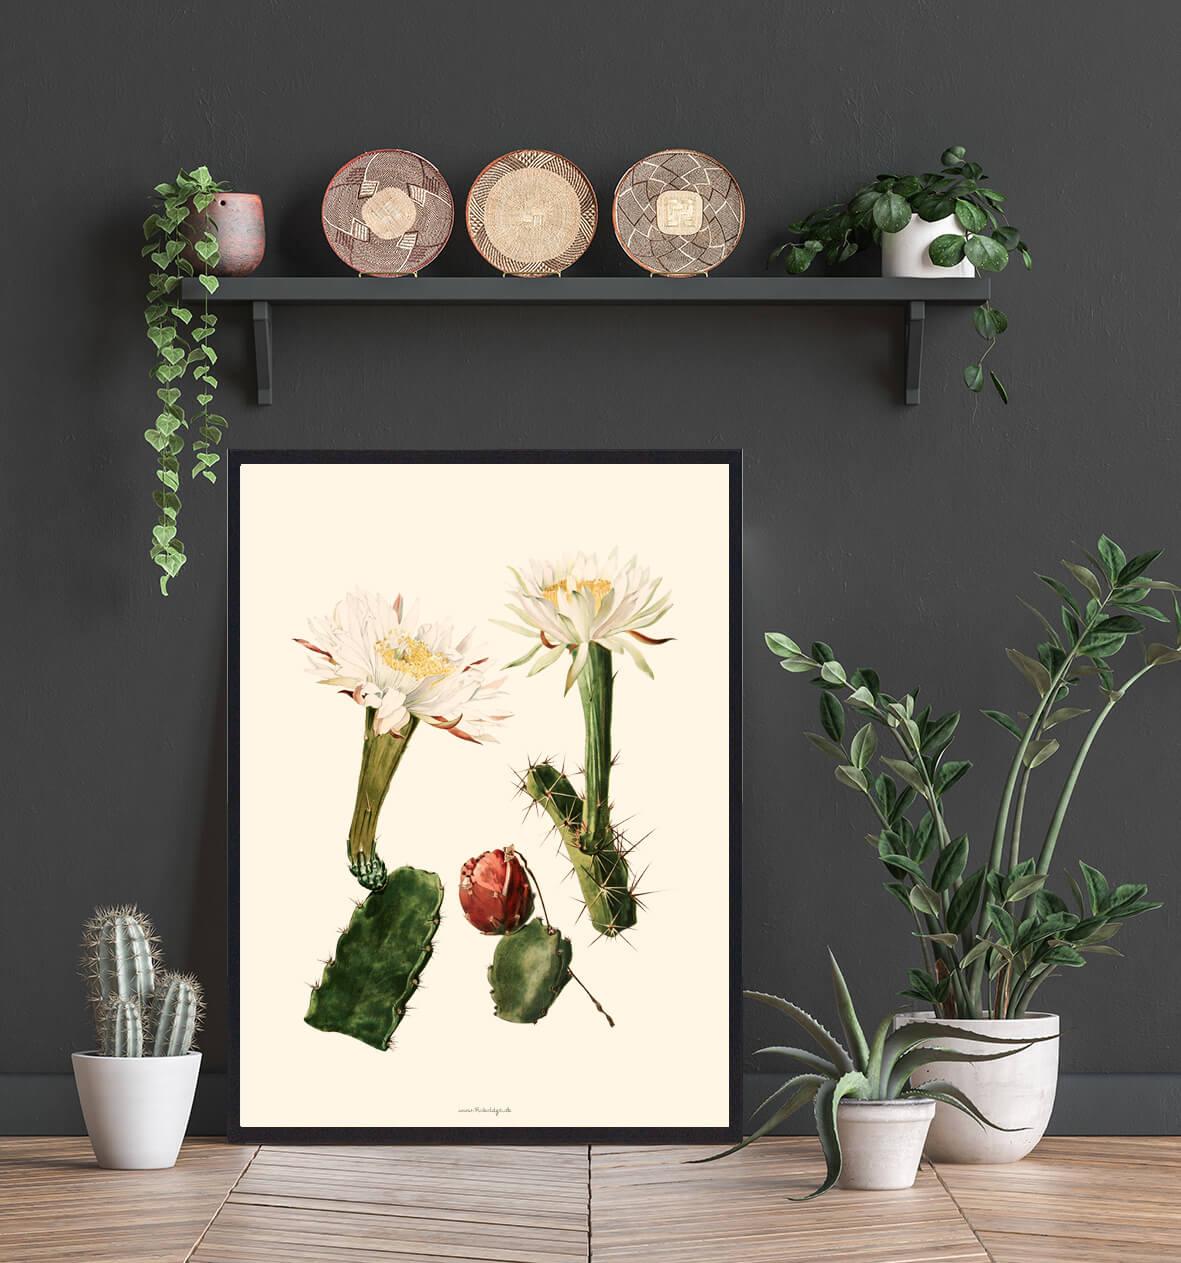 blomst-kaktus-plakat-3